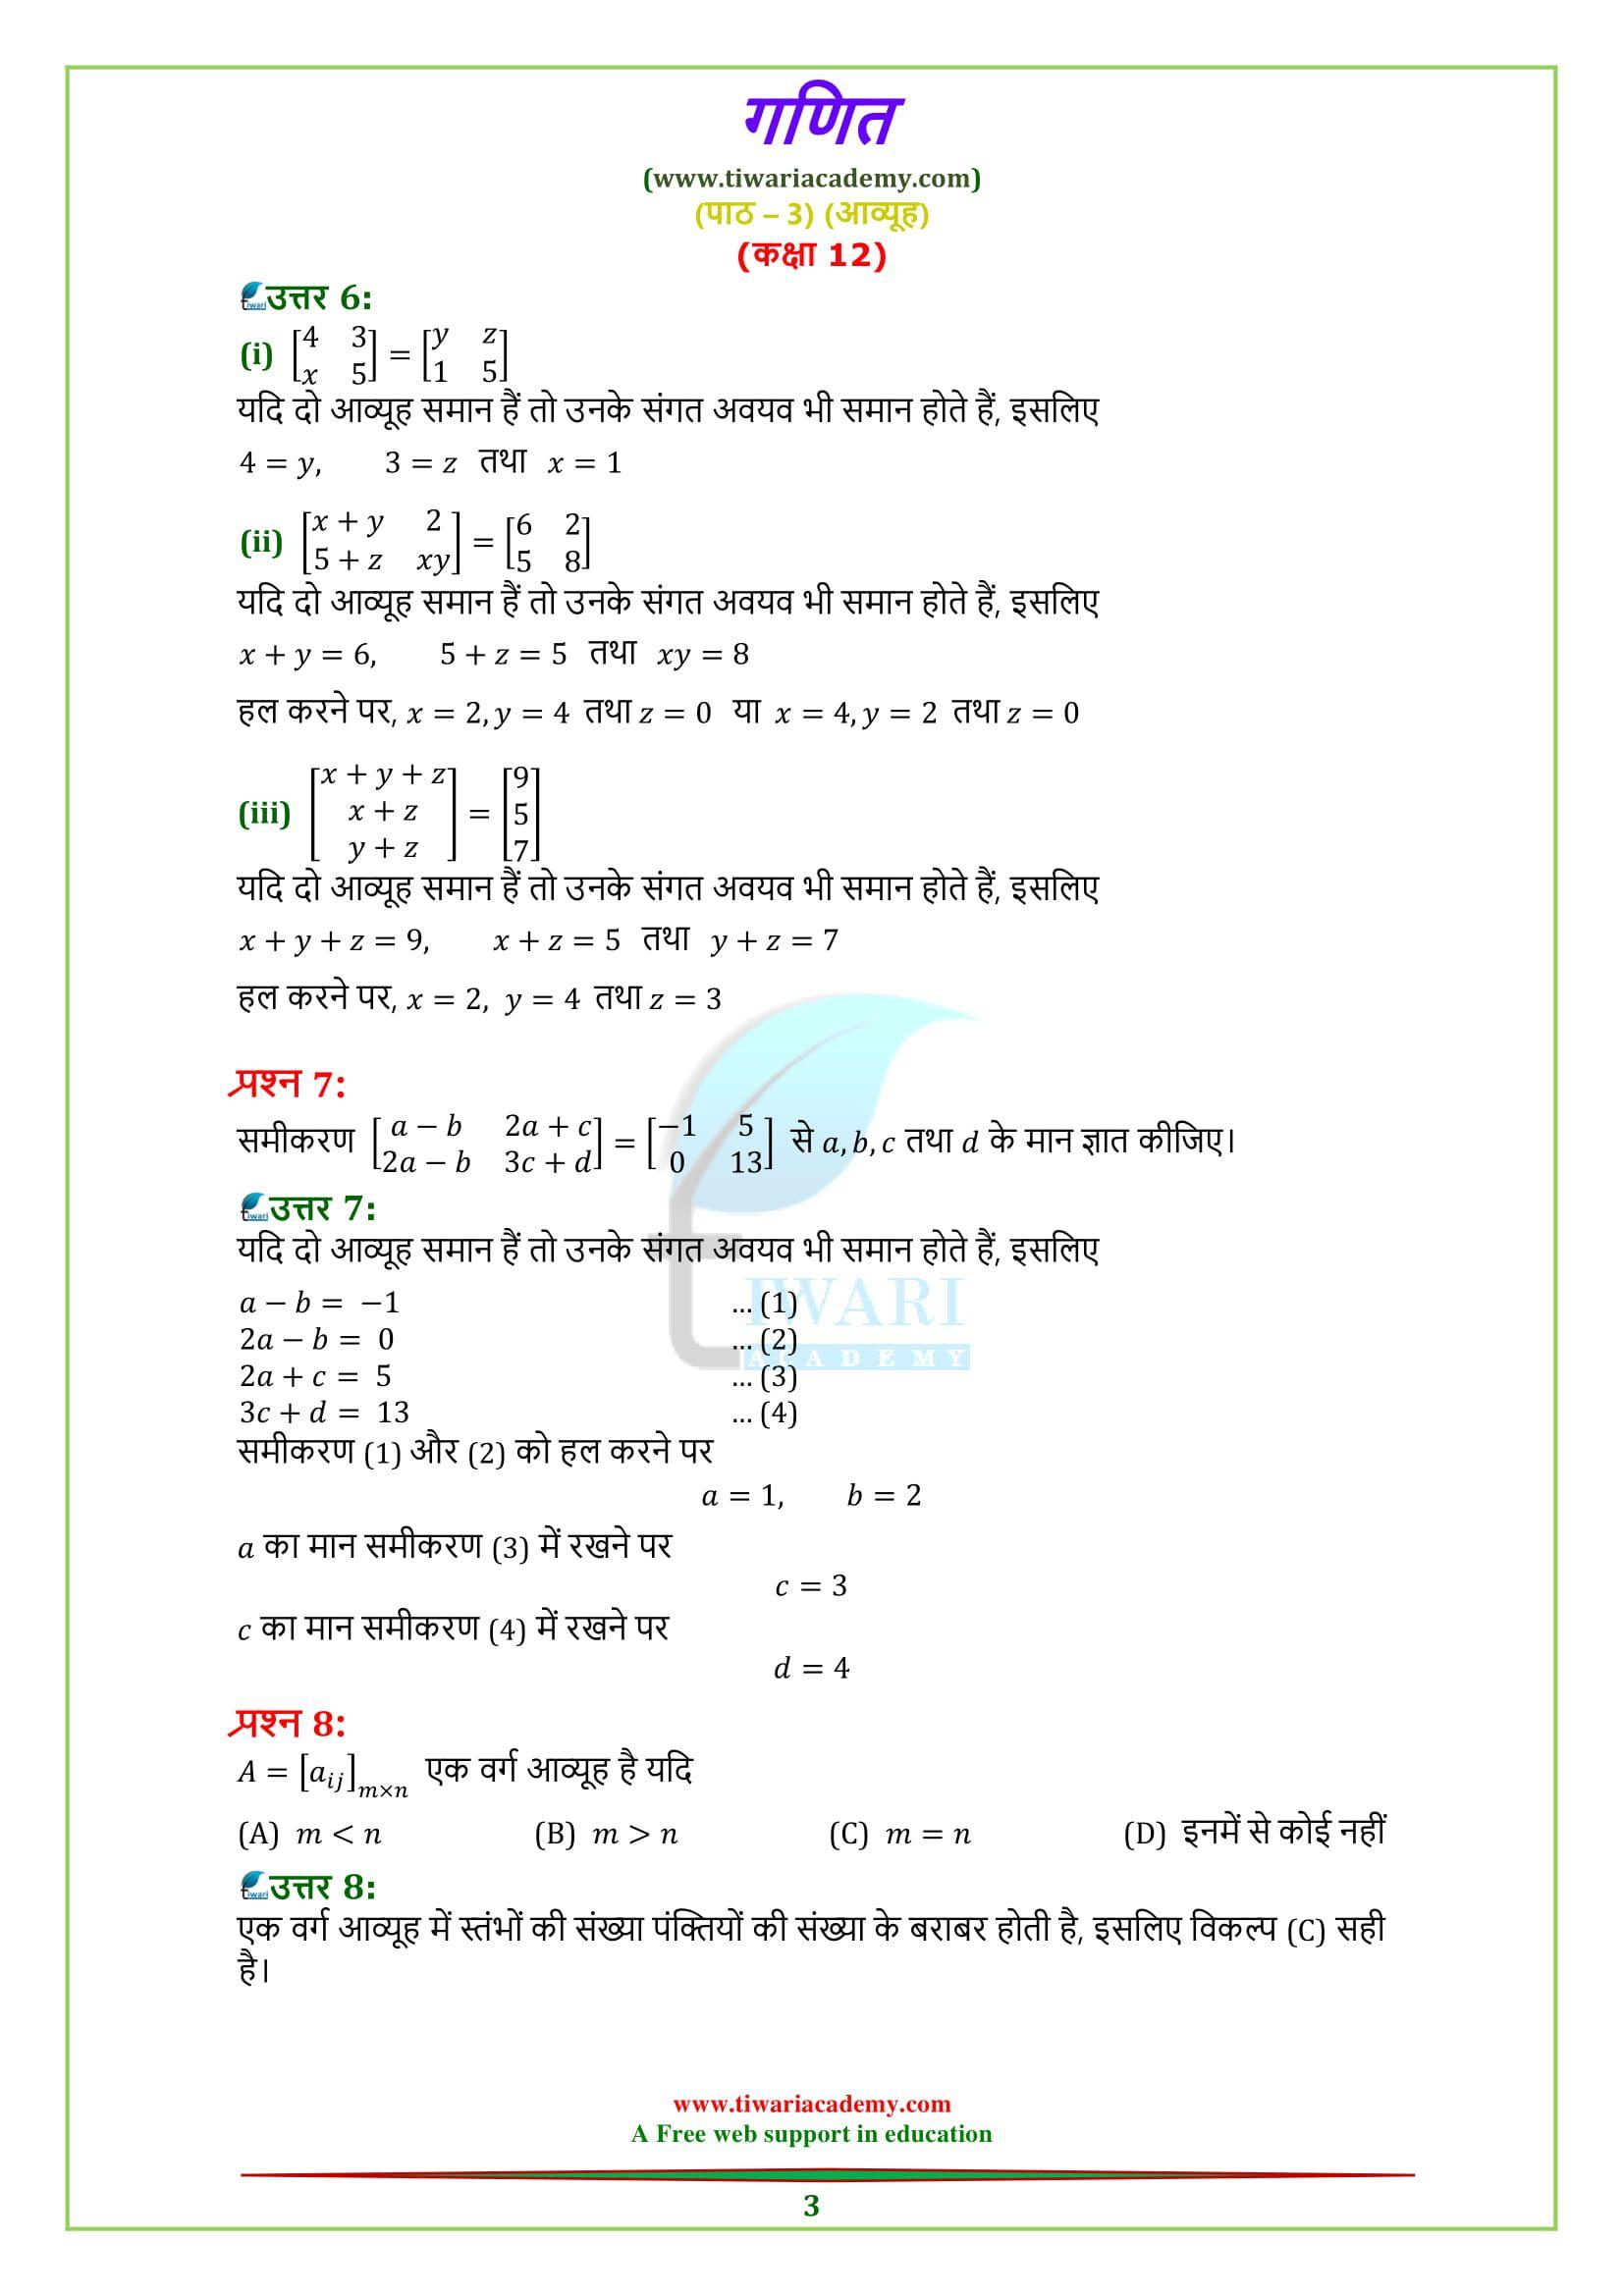 Class 12 Maths Chapter 3 Exercise 3 1 Download In Hindi Medium Pdf Class 12 Maths Math 12th Maths [ 2339 x 1653 Pixel ]